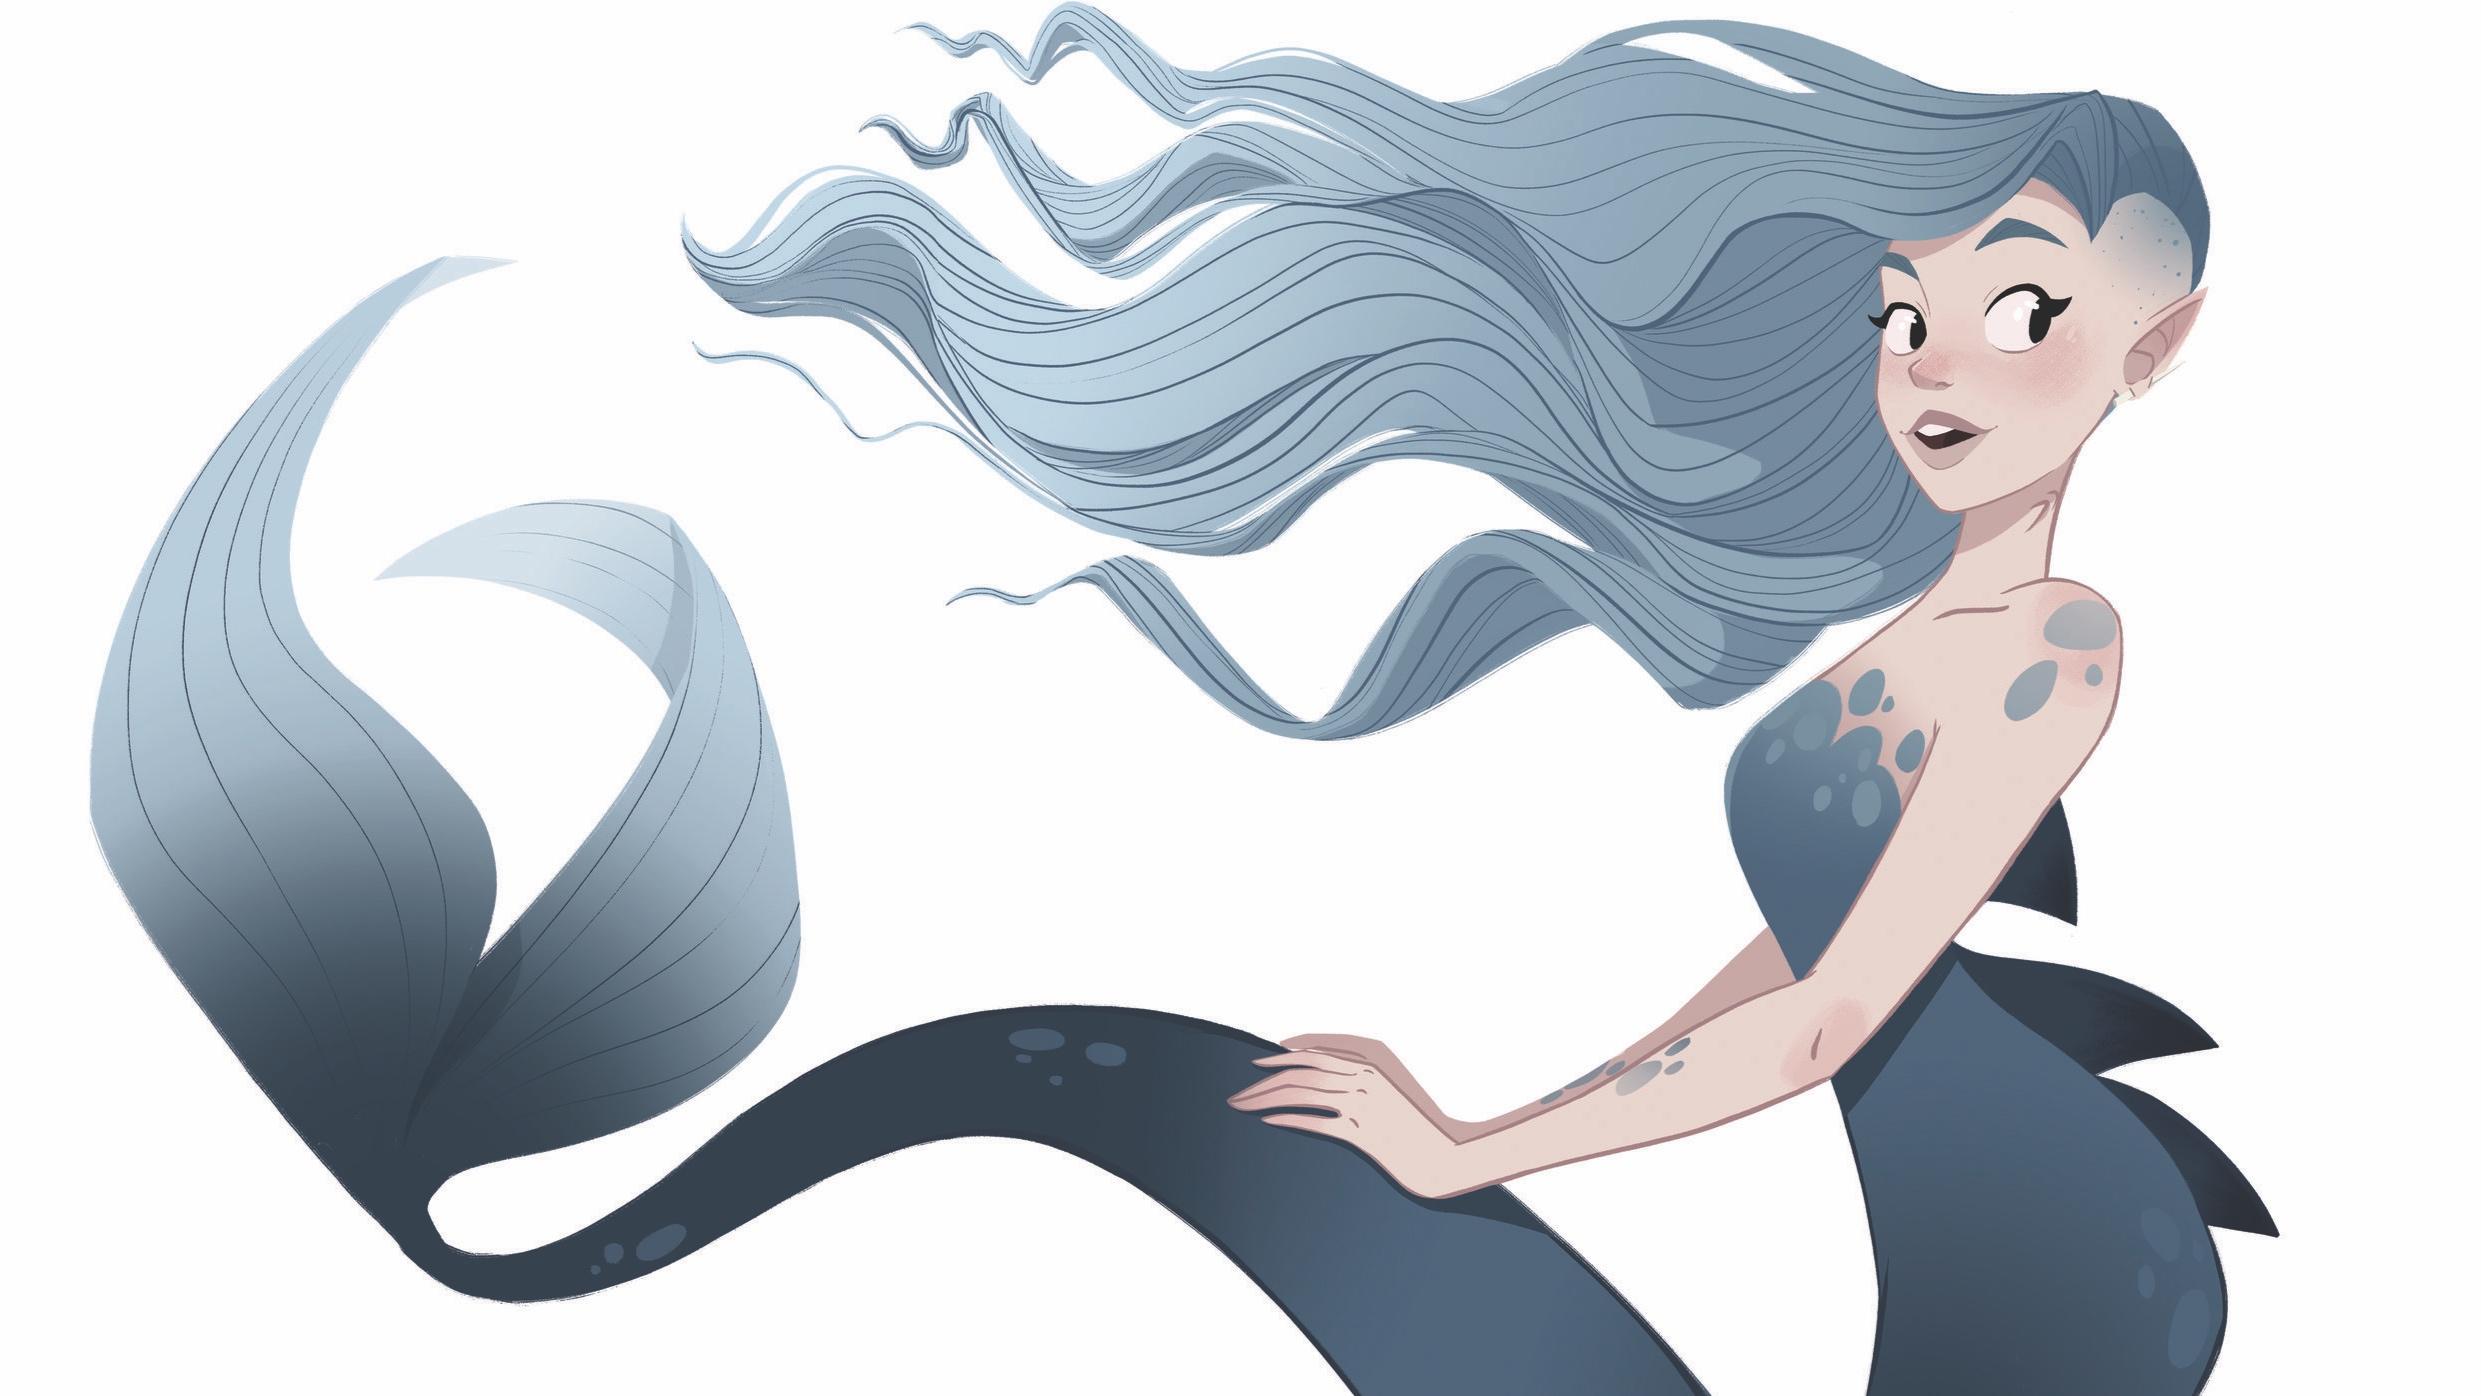 Mermaids in May - The MerMay Challenge